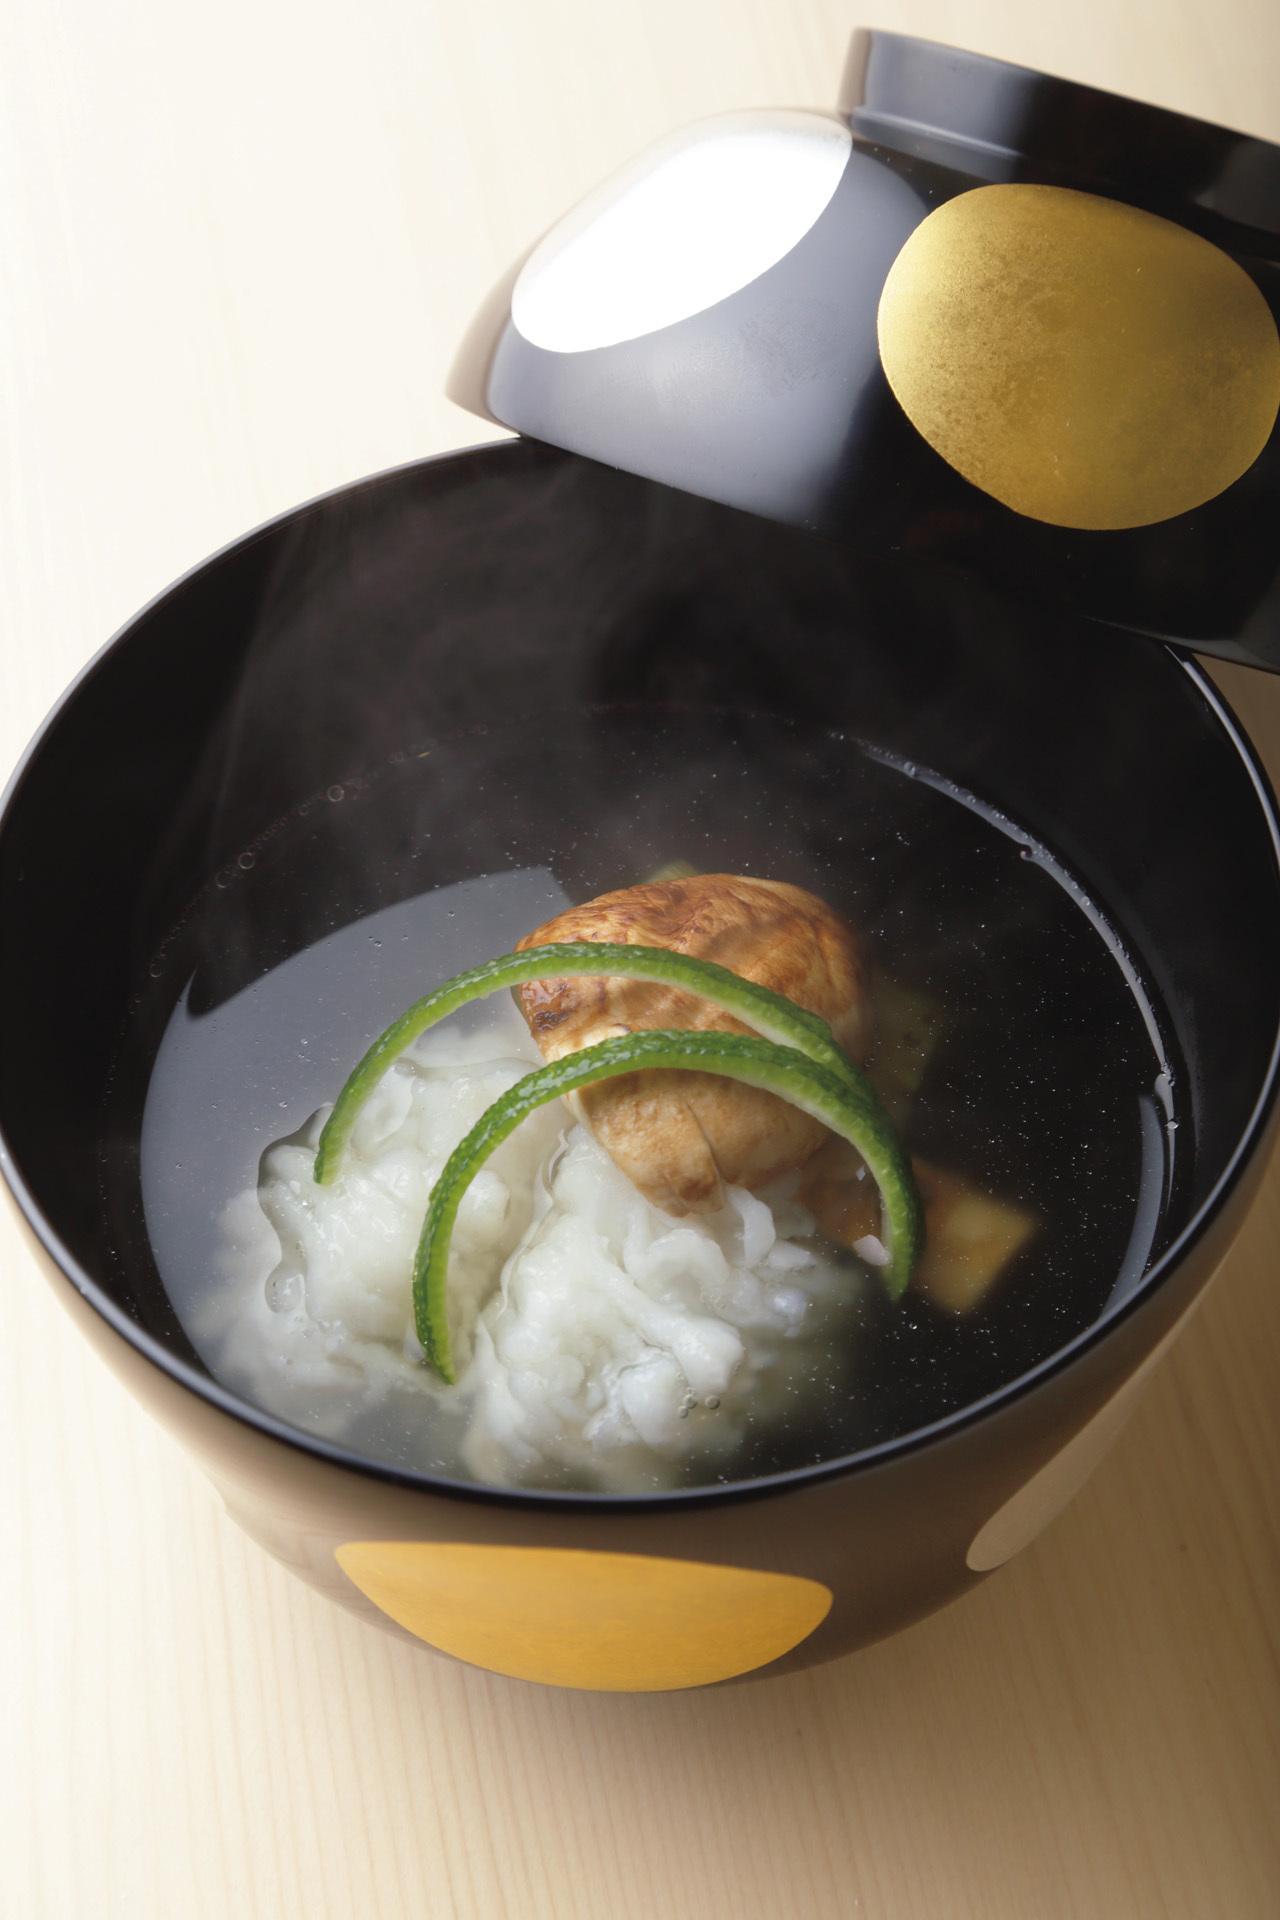 京都通がおすすめ 注目の料理店で味わいたいこの一品 五選_2_3-1